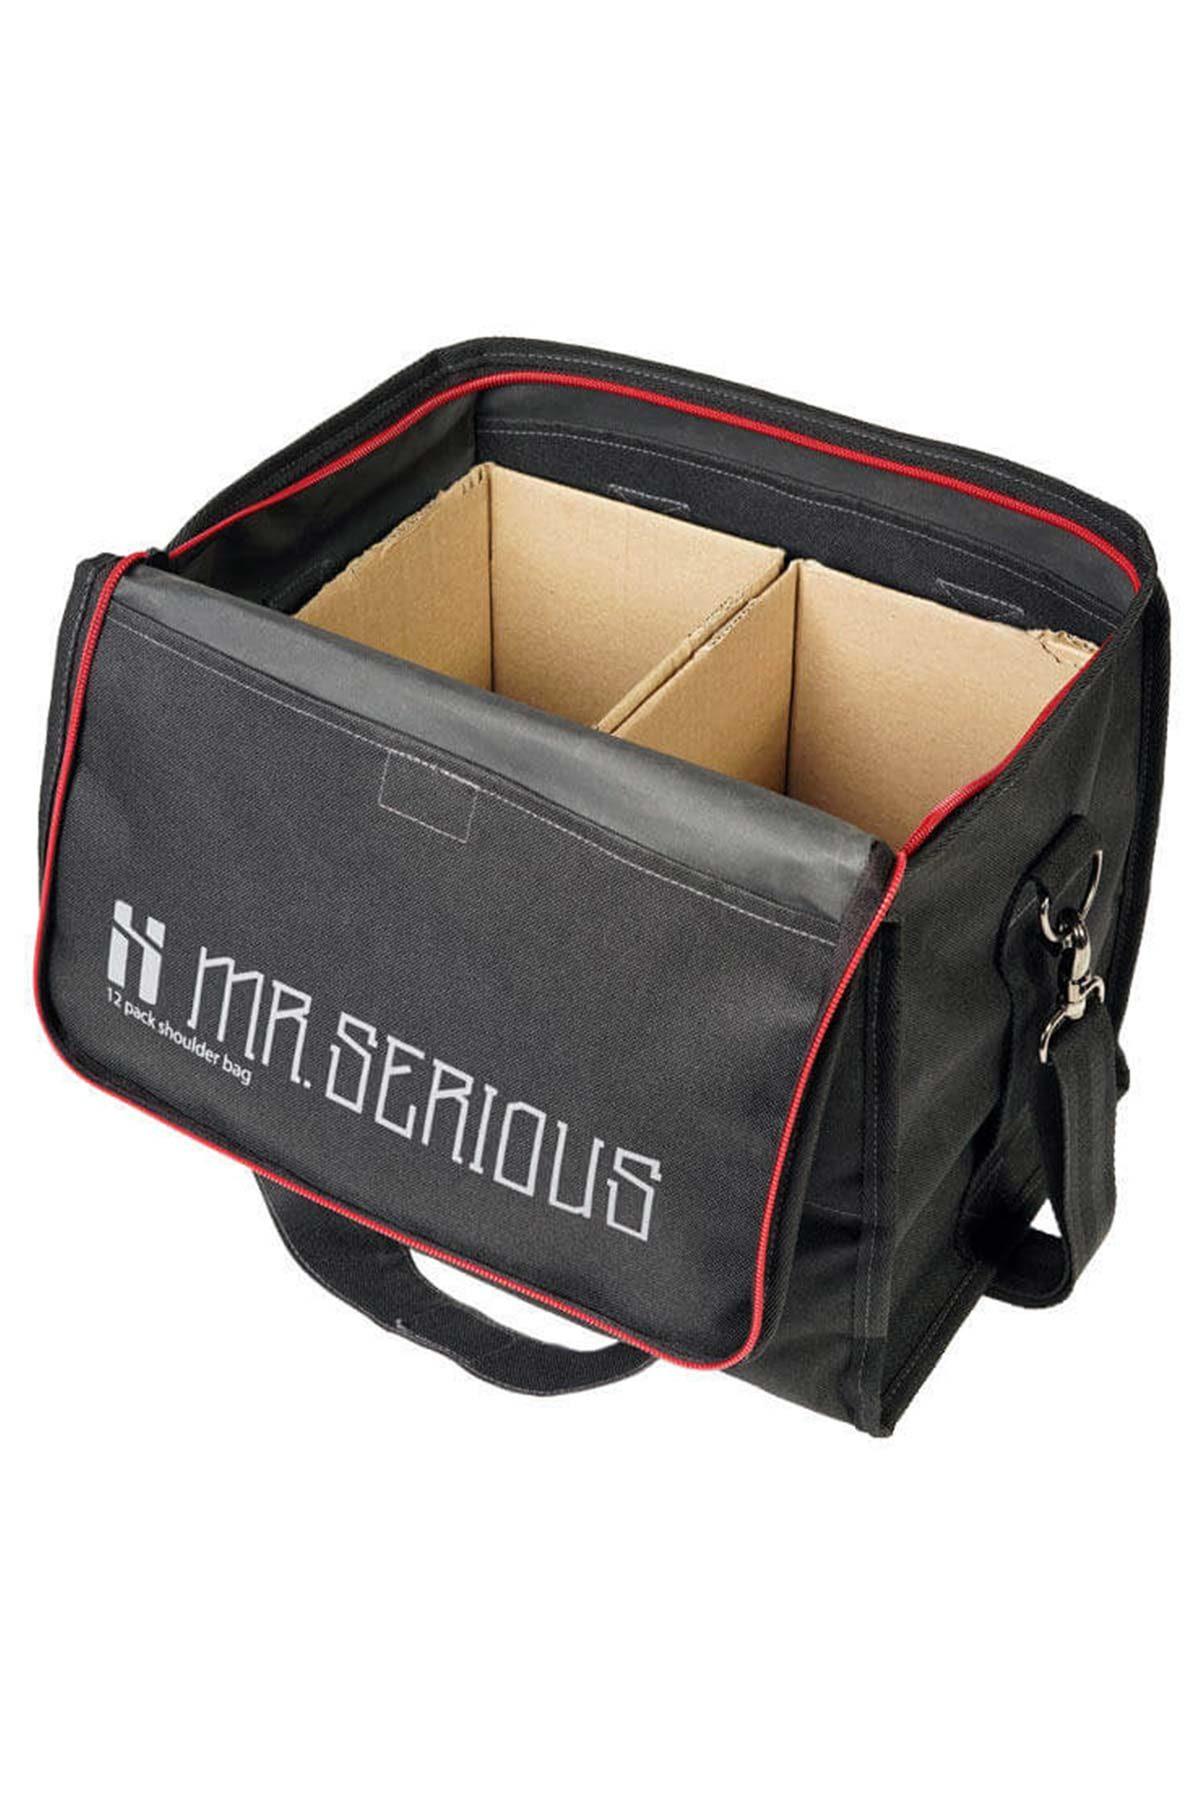 Mr. Serious 12 PACK Shoulder Bag